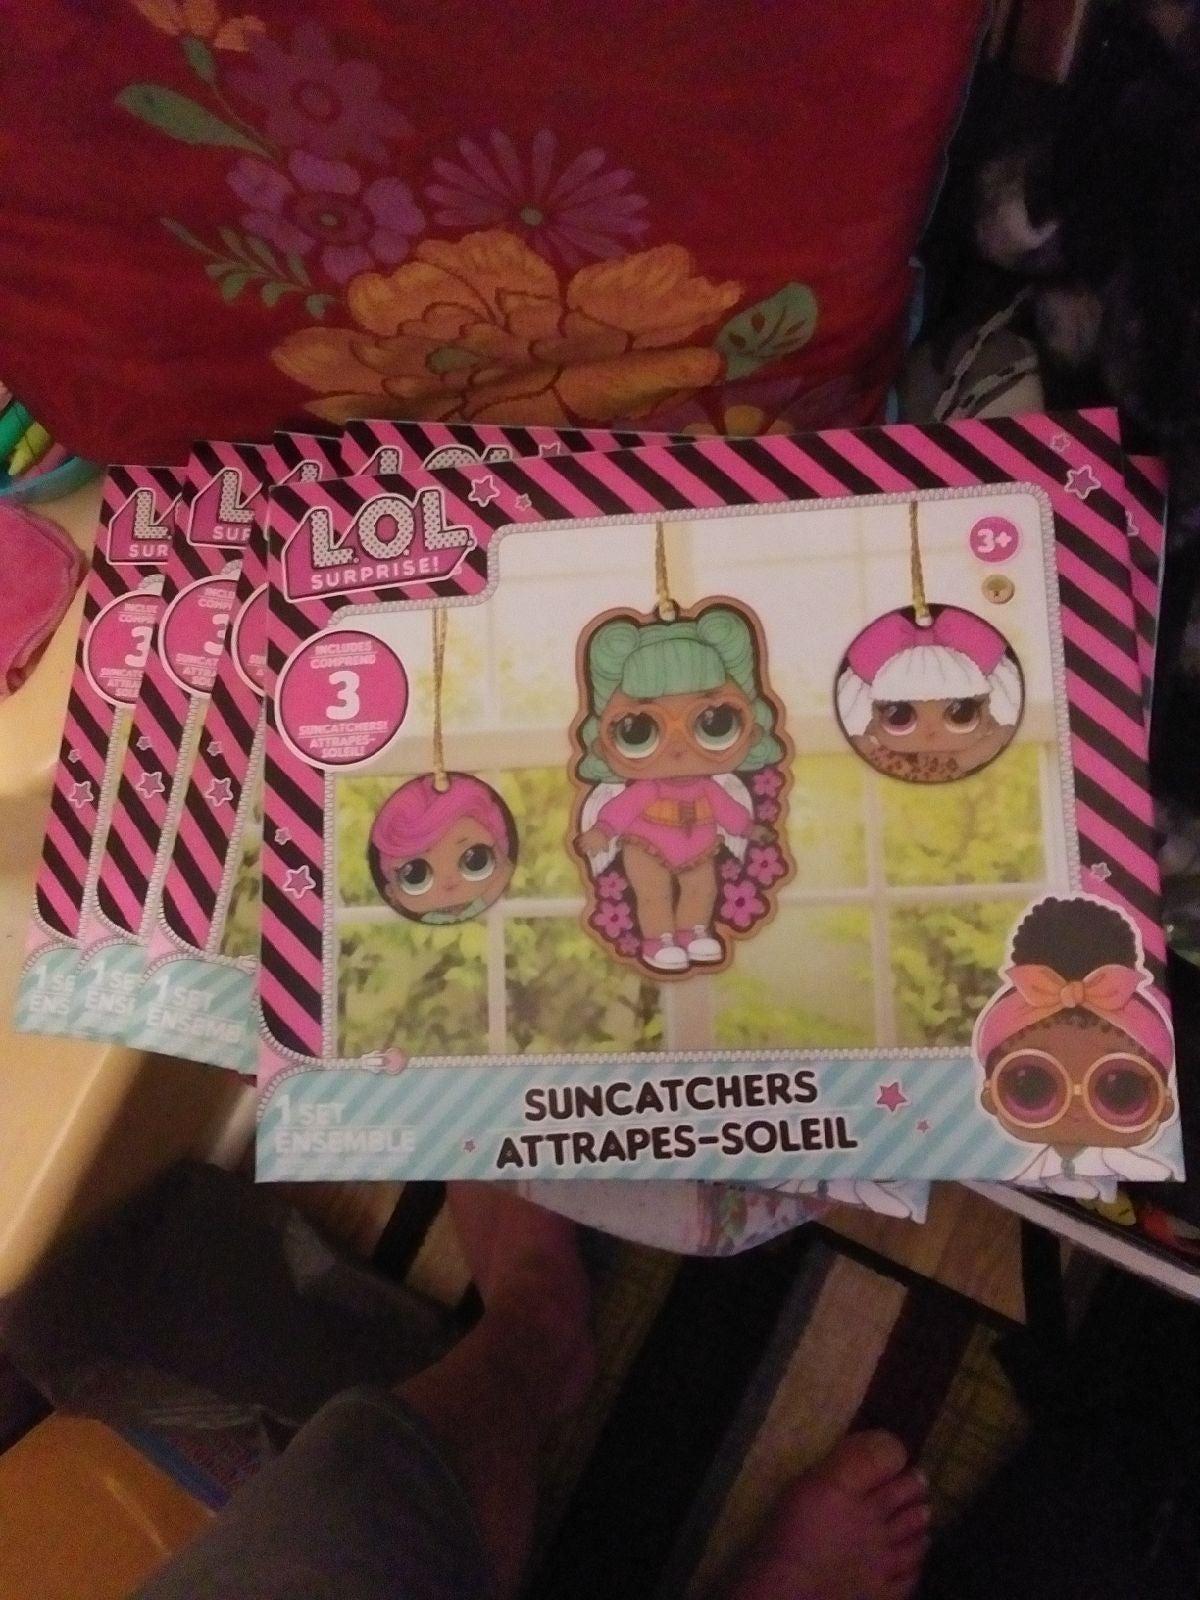 Lol Surprise Suncatchers Sets ×3